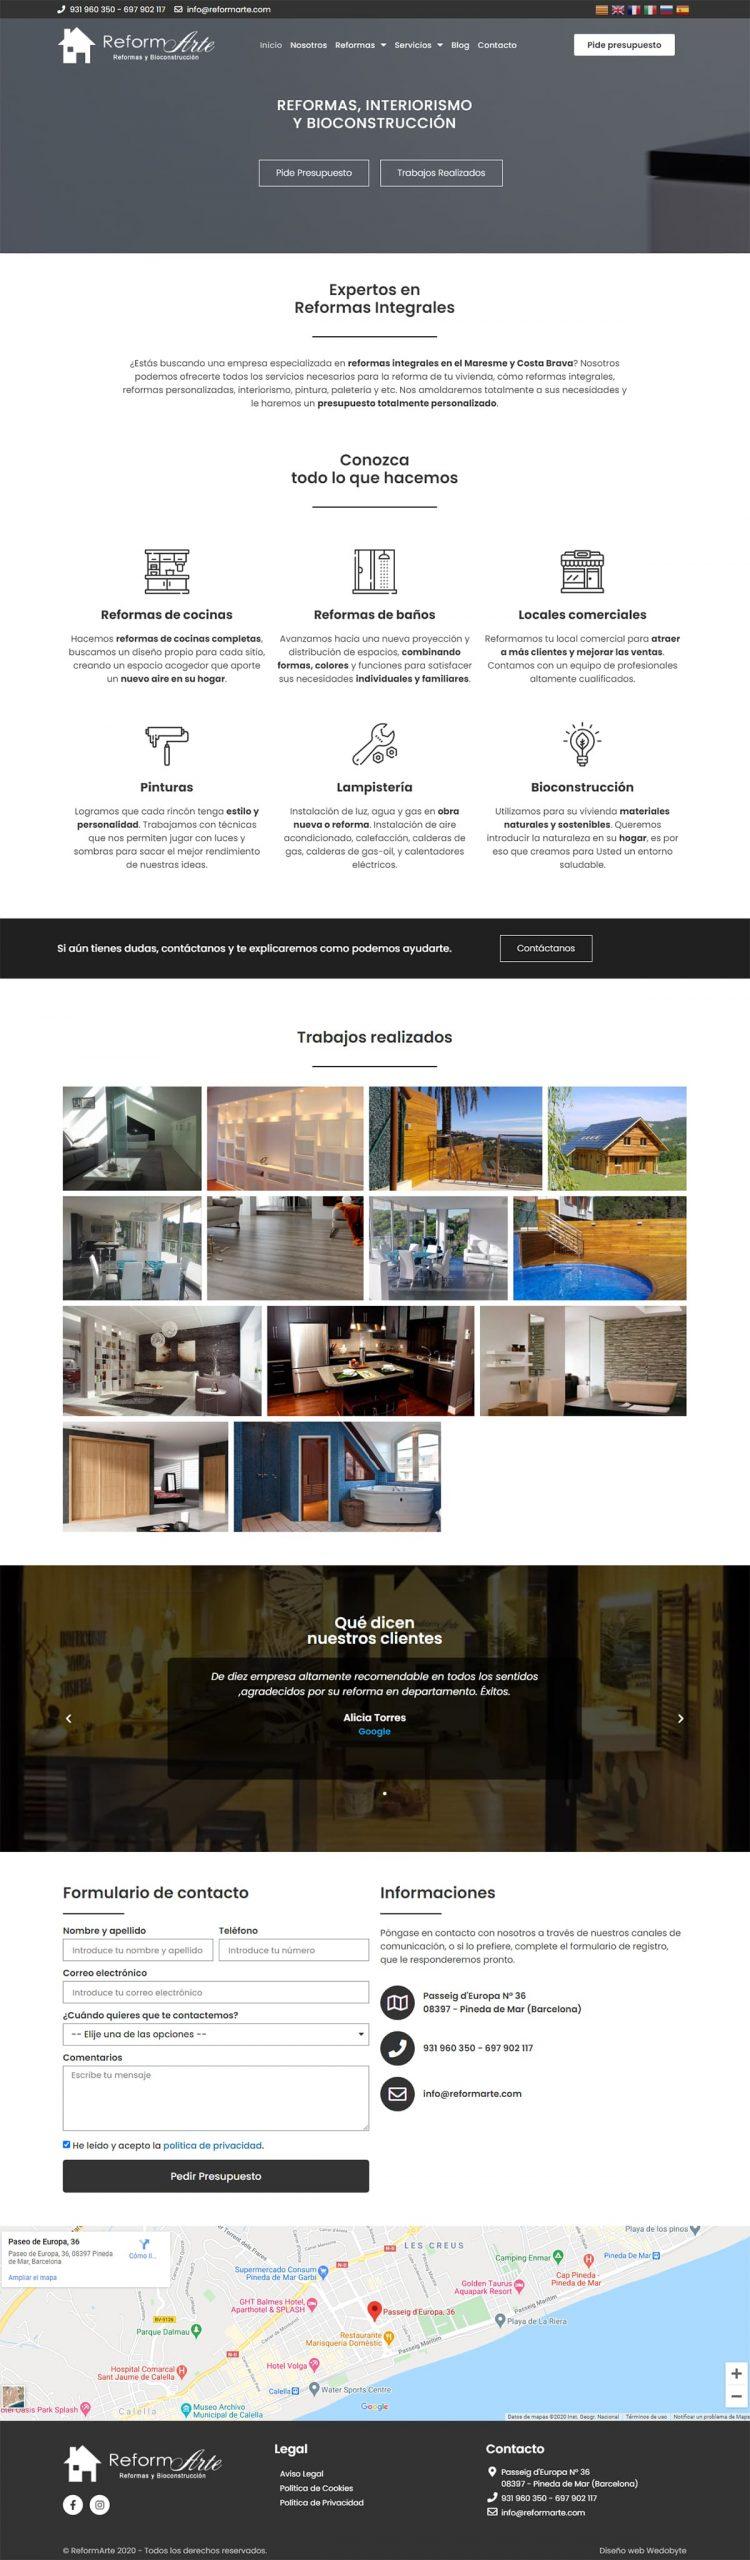 ReformArte Página Web Captura